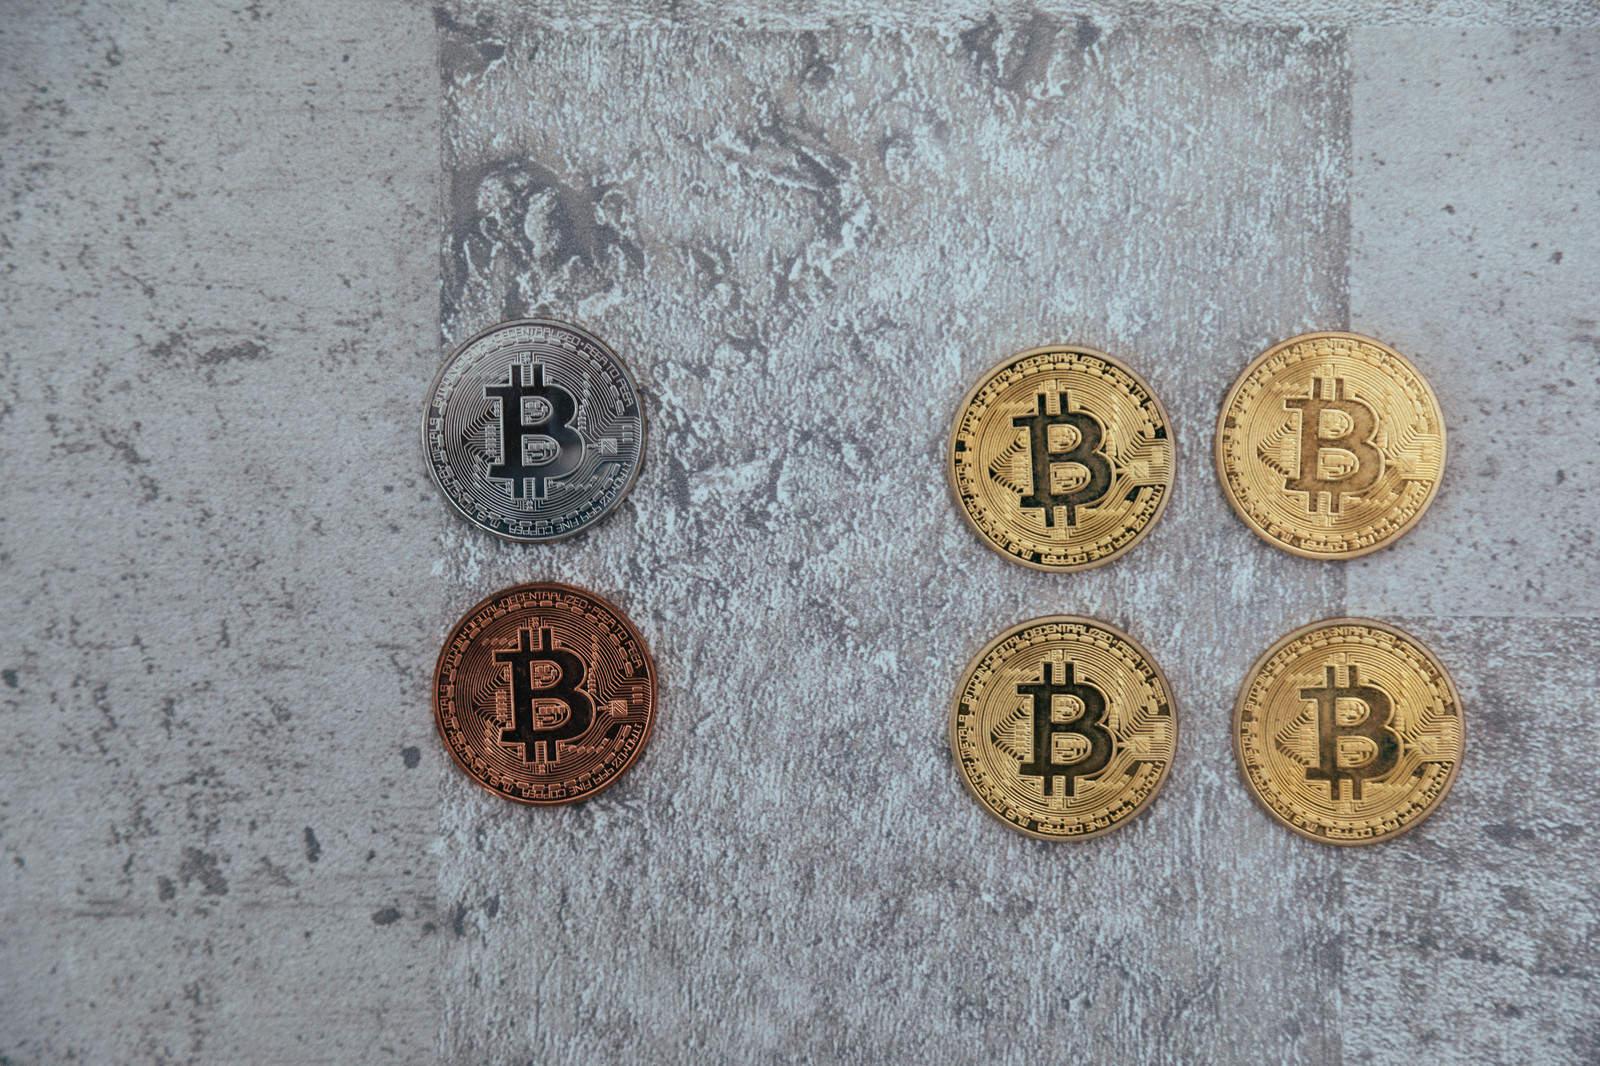 「ビットコインと派生コインビットコインと派生コイン」のフリー写真素材を拡大